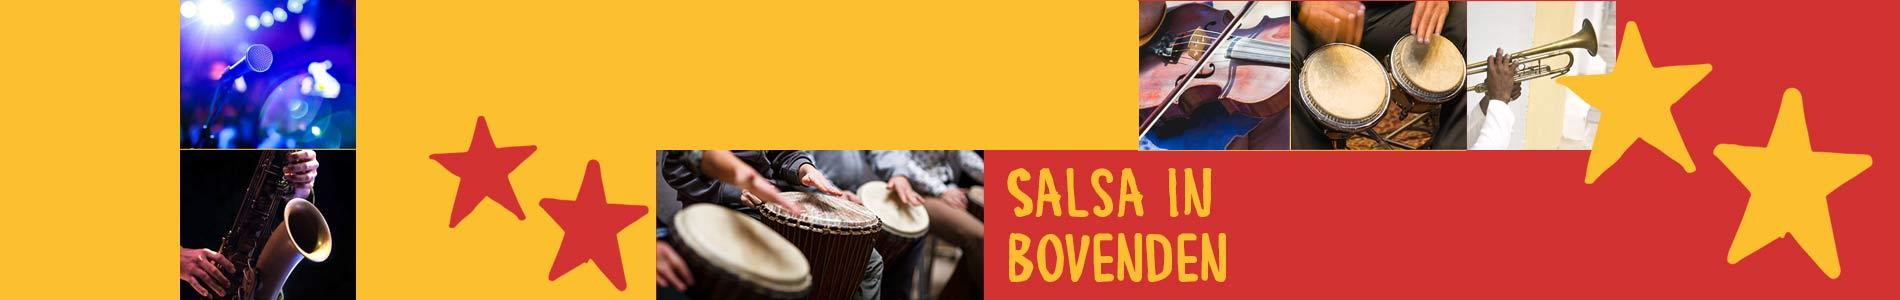 Salsa in Bovenden – Salsa lernen und tanzen, Tanzkurse, Partys, Veranstaltungen